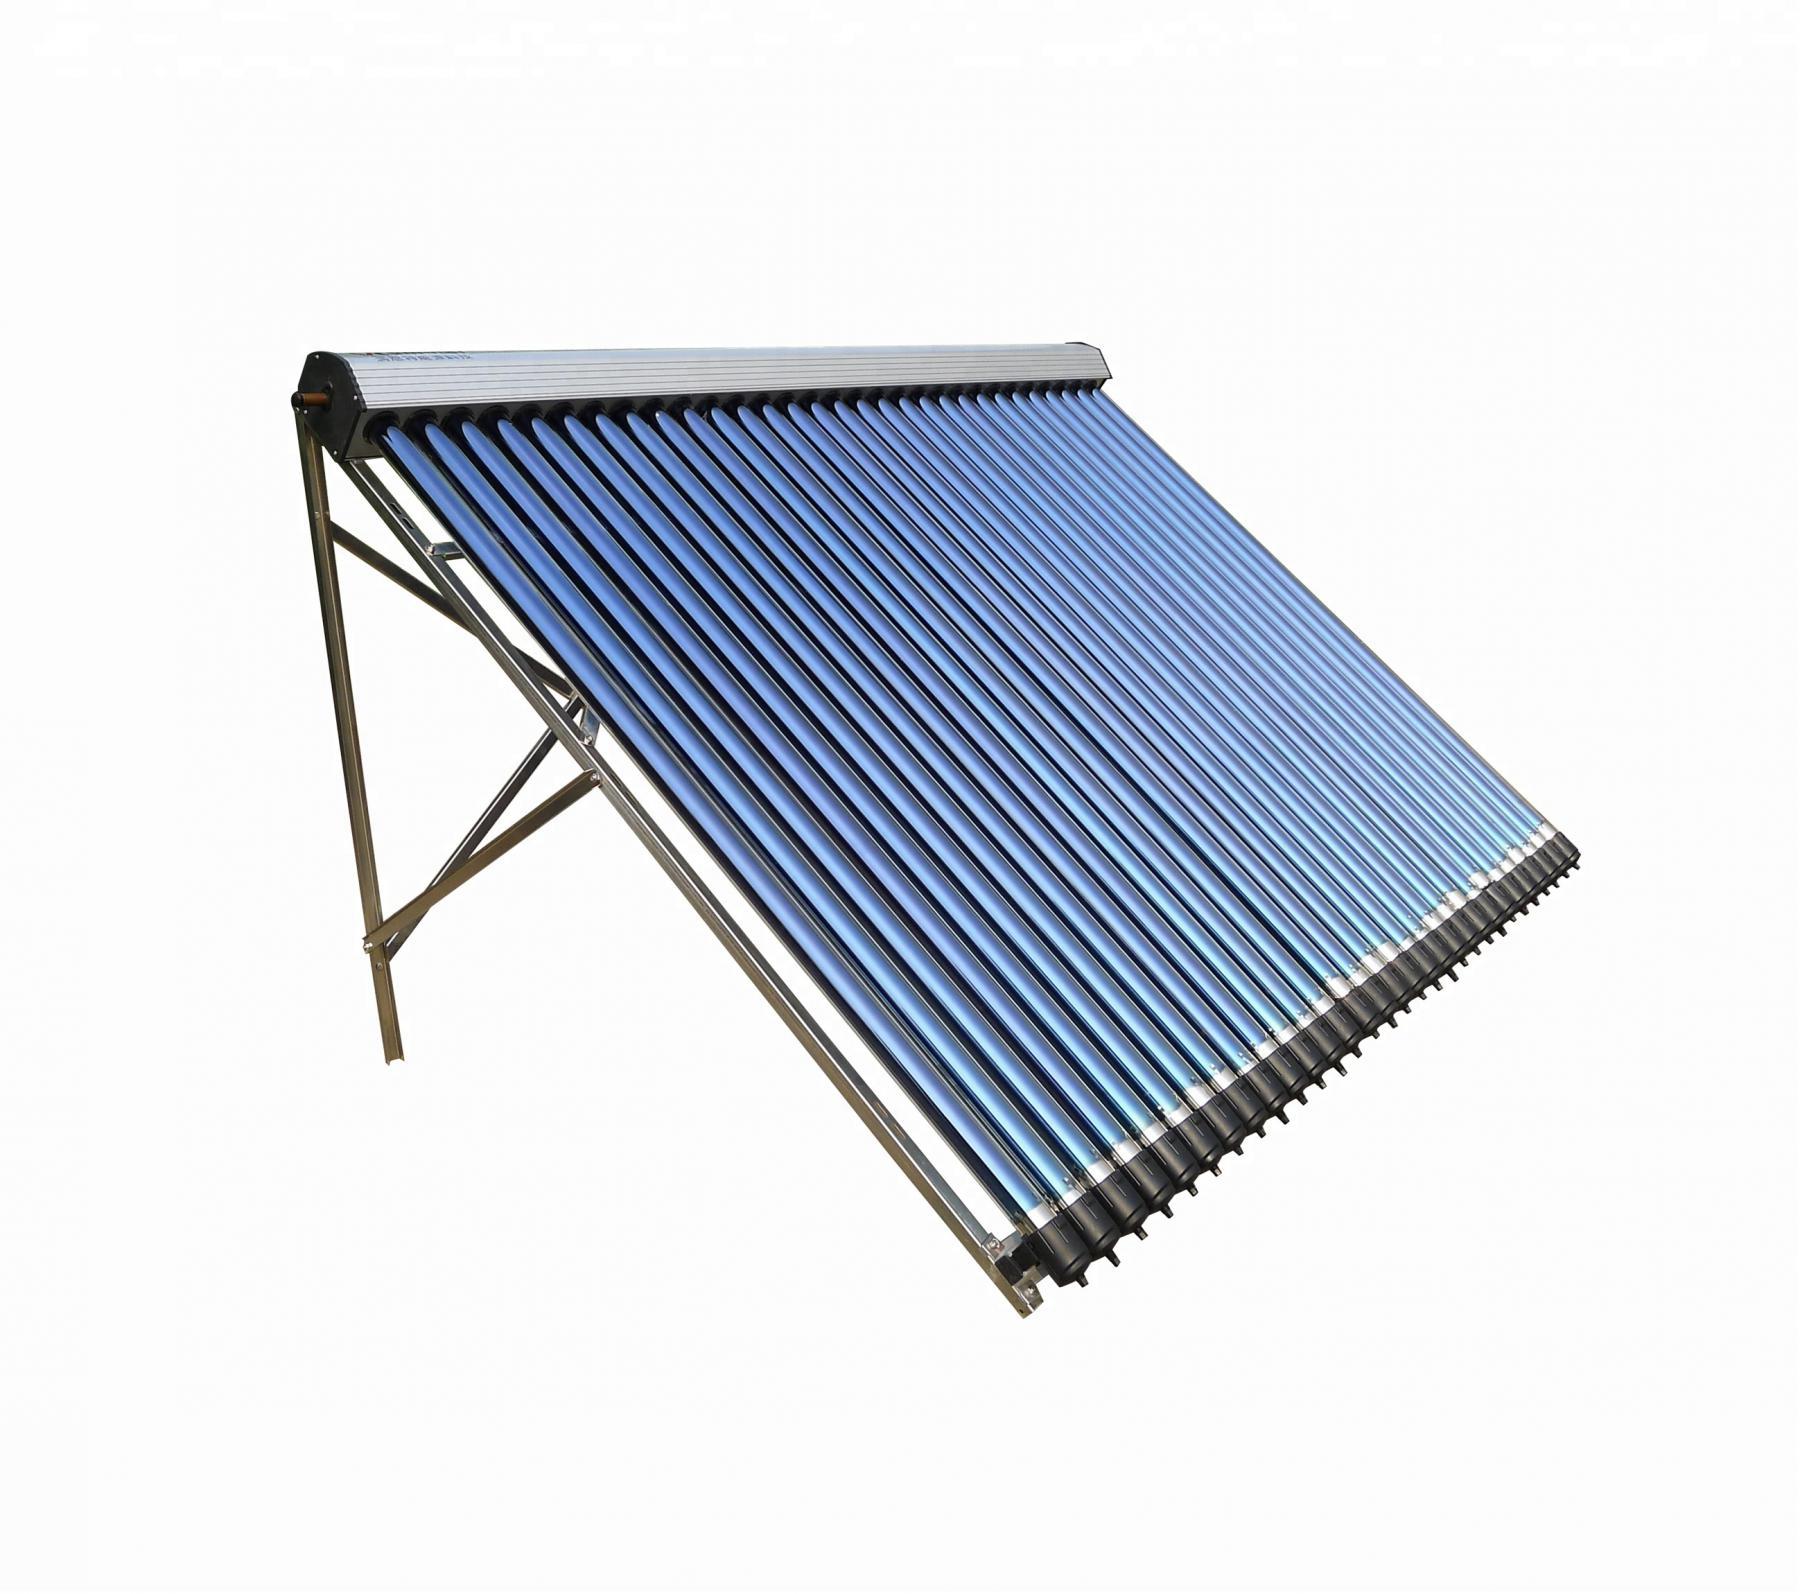 Вакуумная трубка для солнечного коллектора: принцип работы.